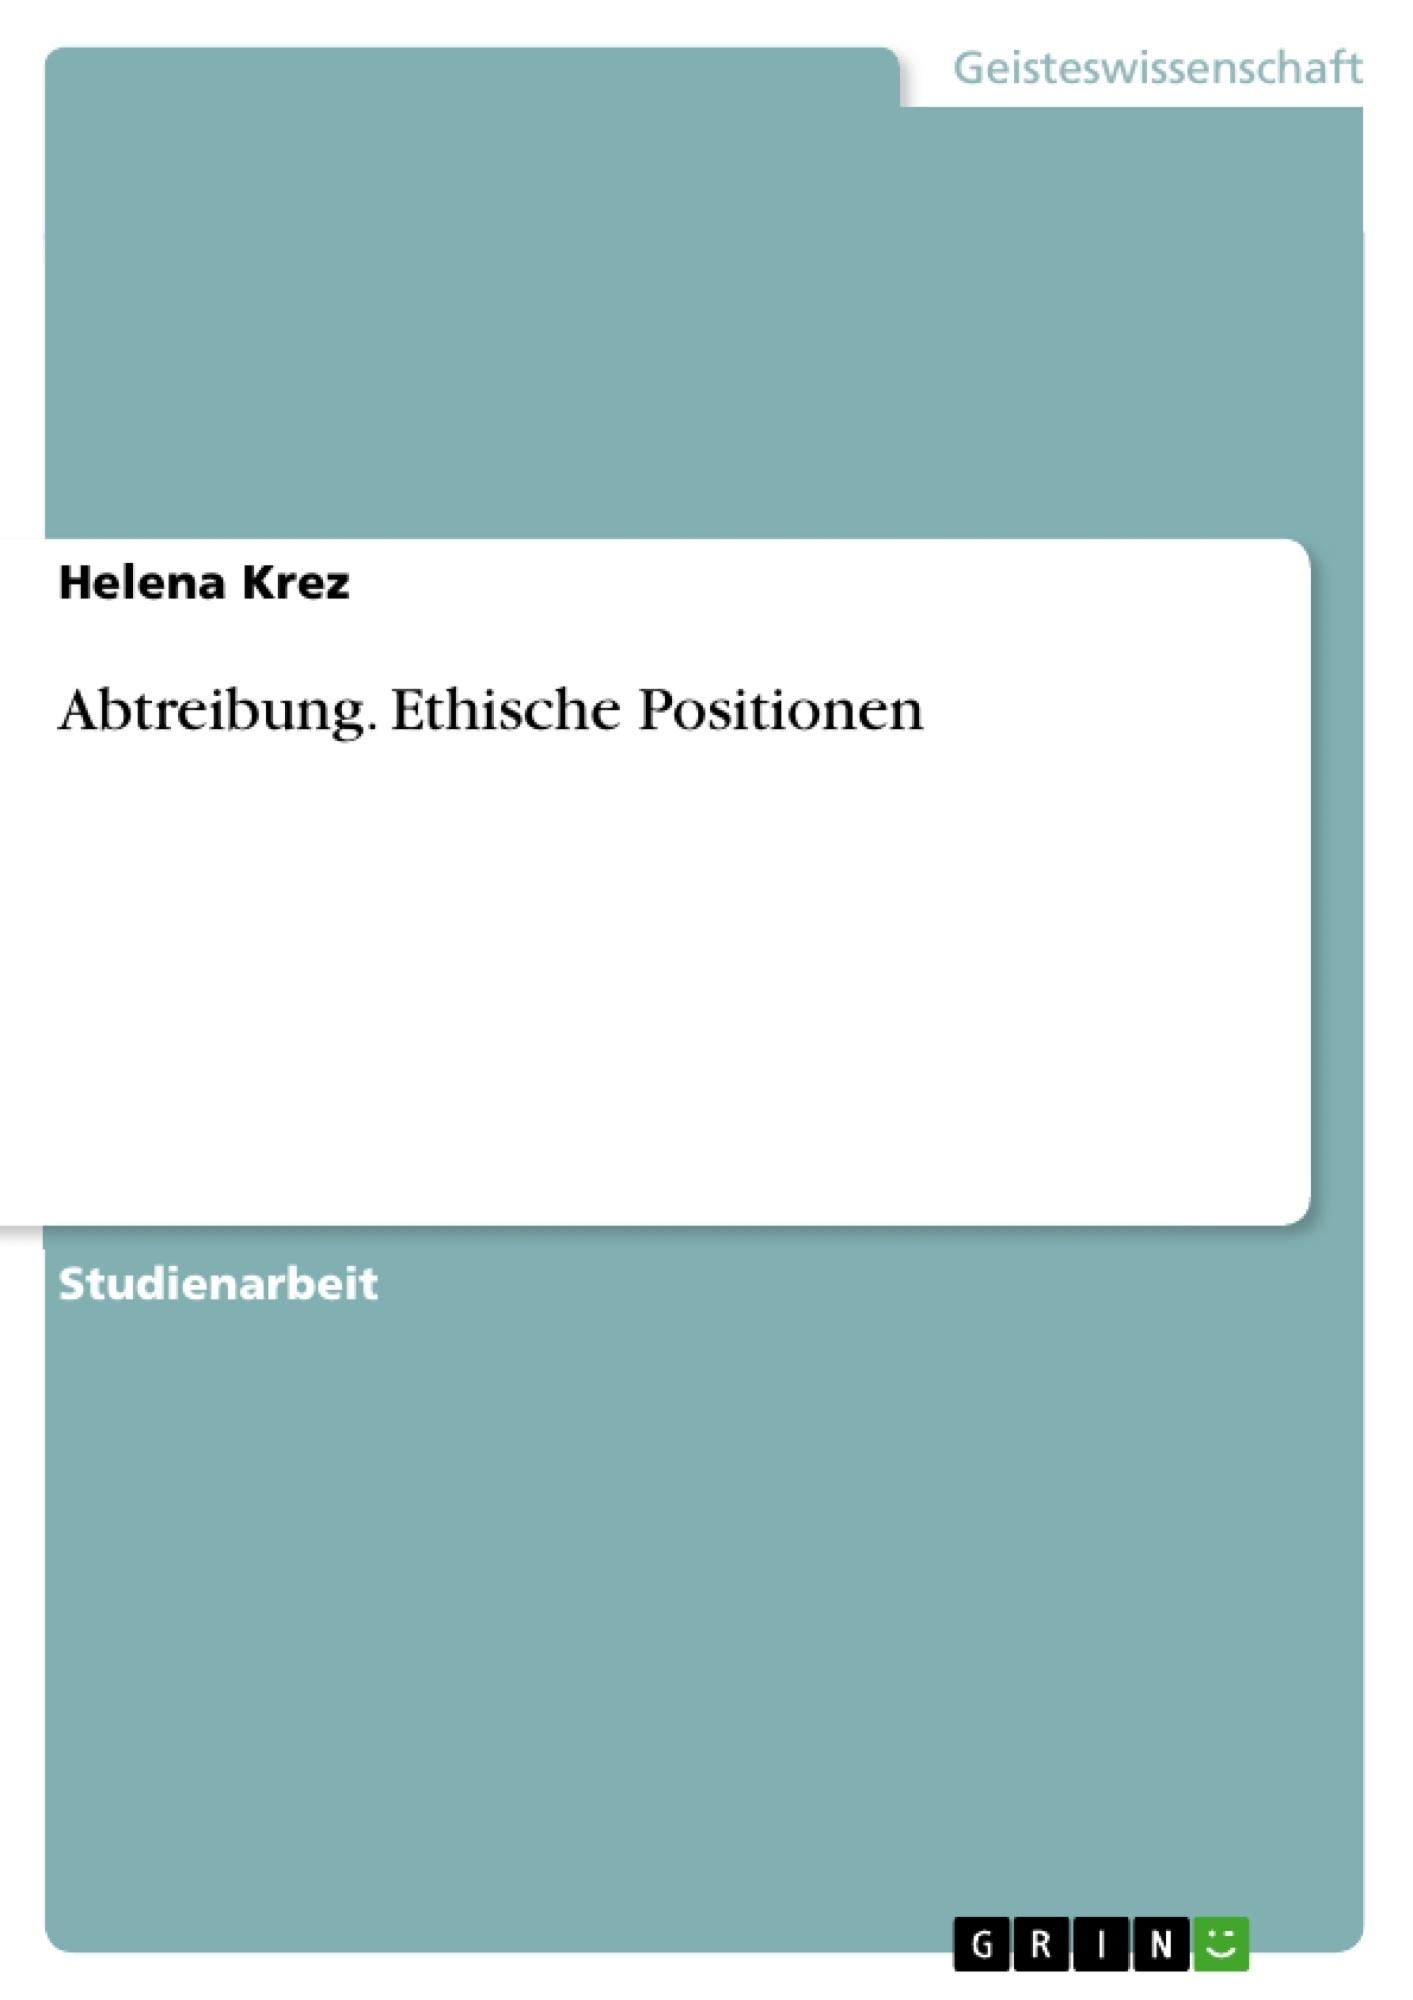 Titel: Abtreibung. Ethische Positionen